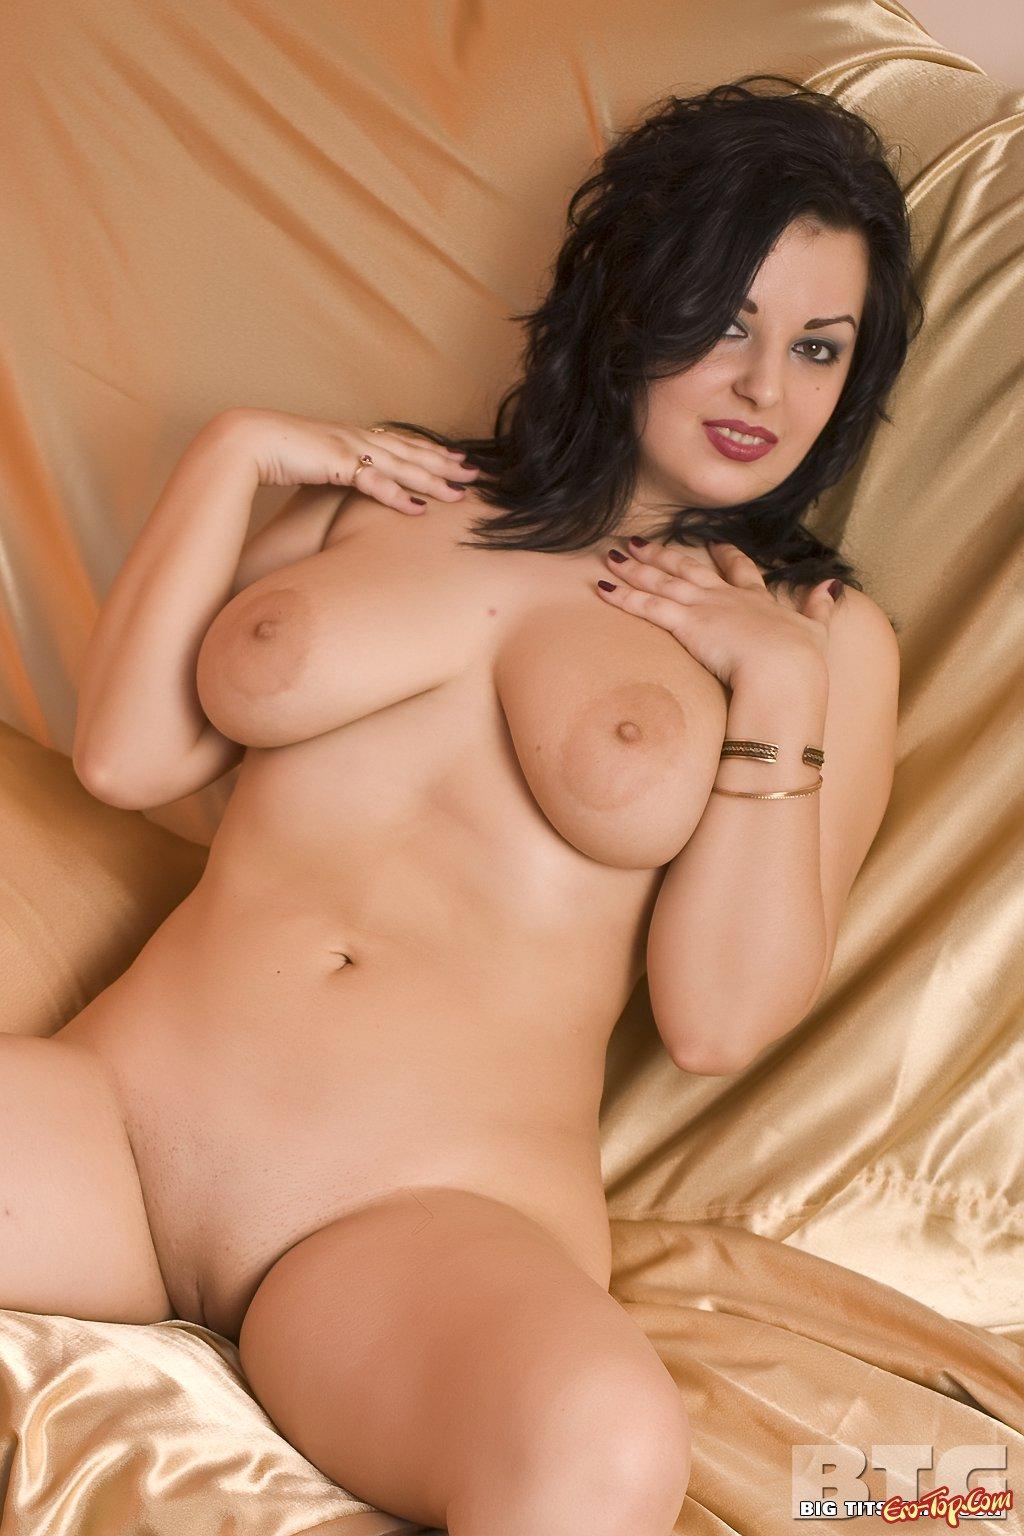 Толстая голая девушка с большими сиськами фото